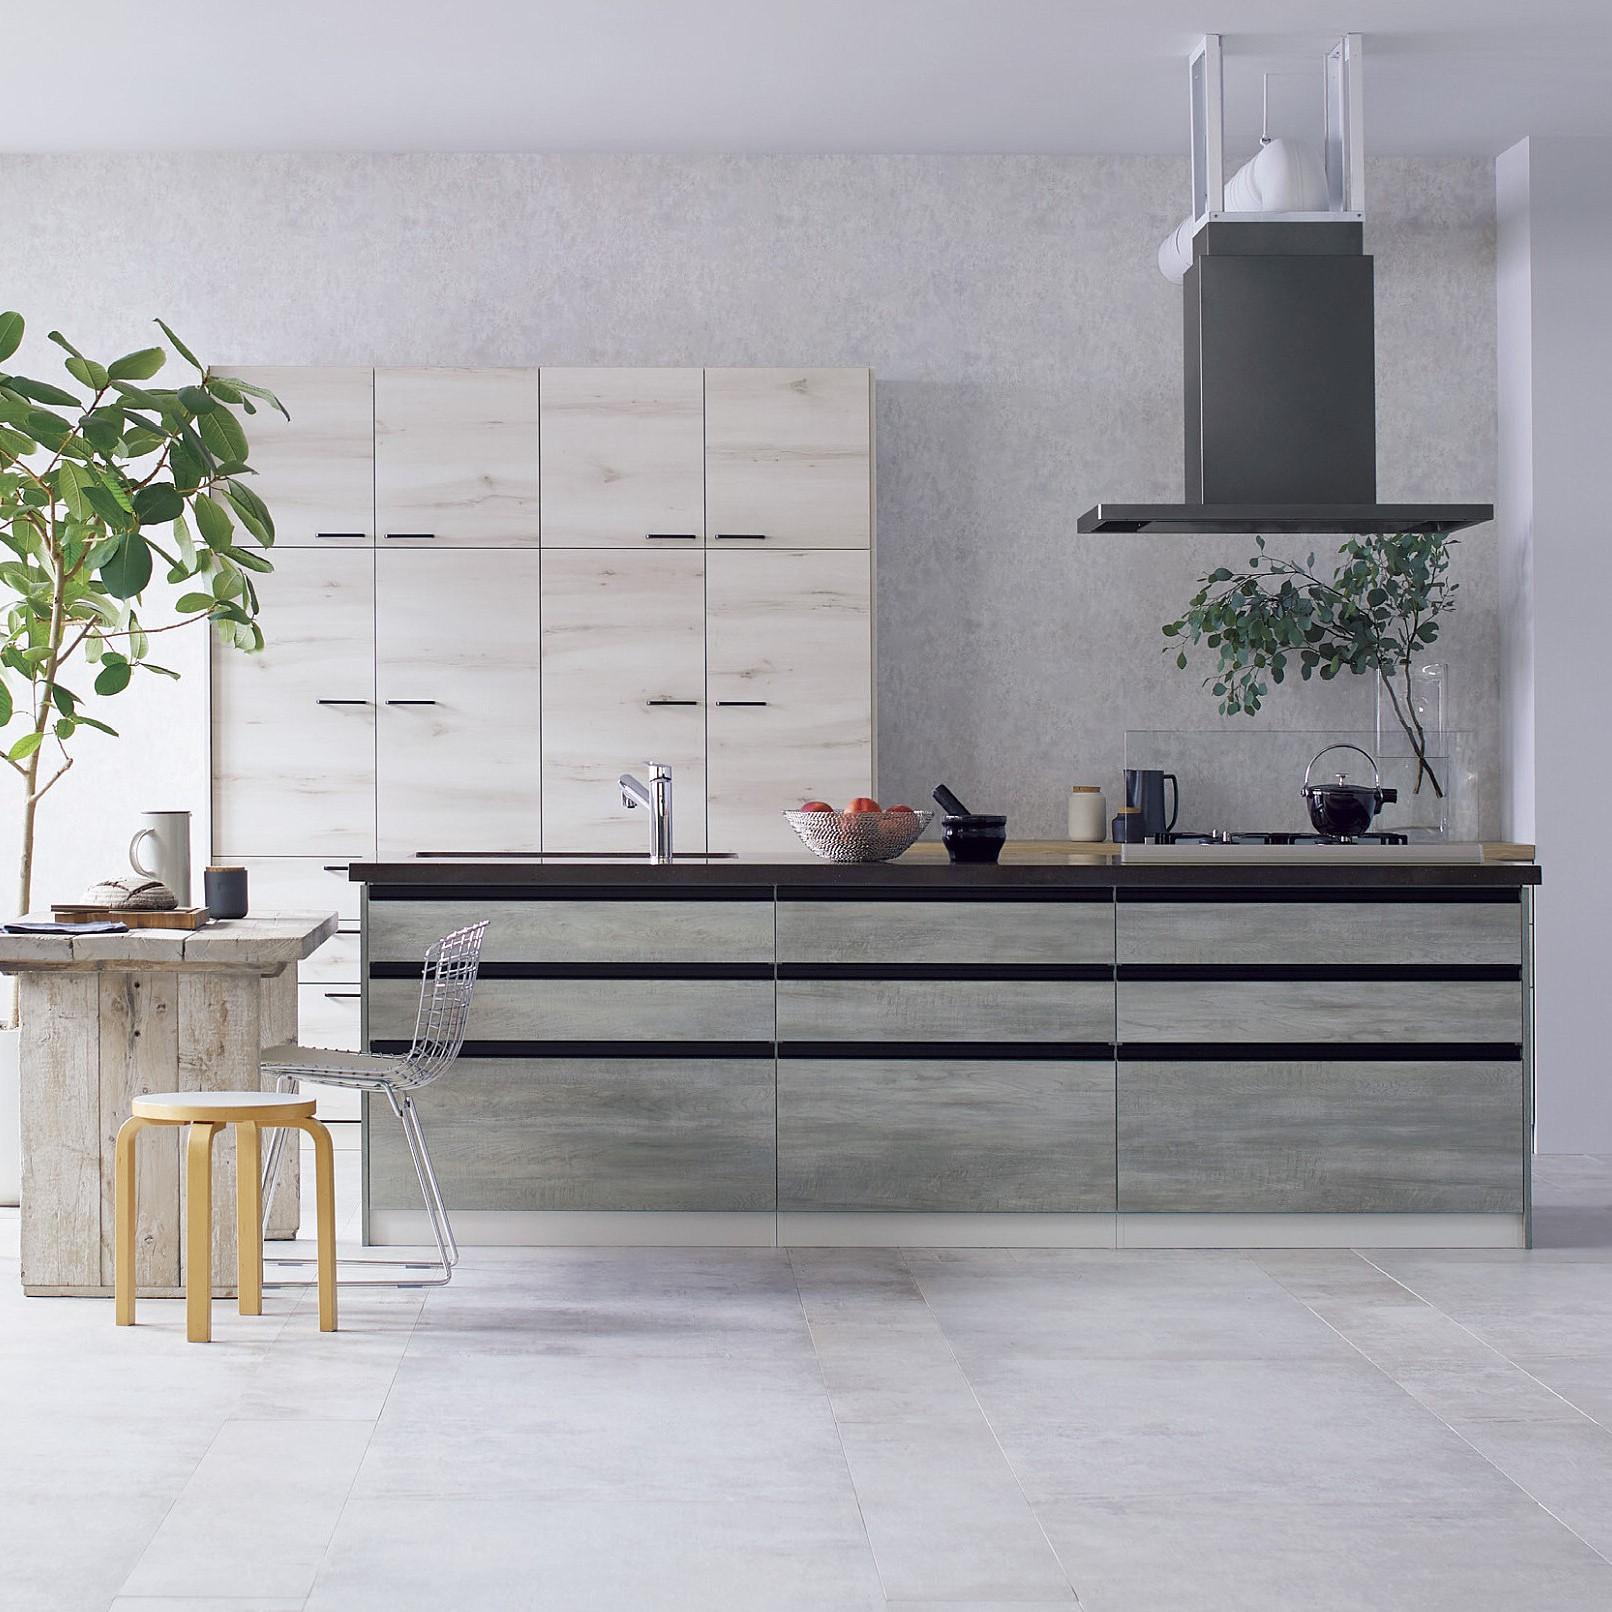 クリナップ システムキッチン リフォーム マンション ラクエラシリーズ